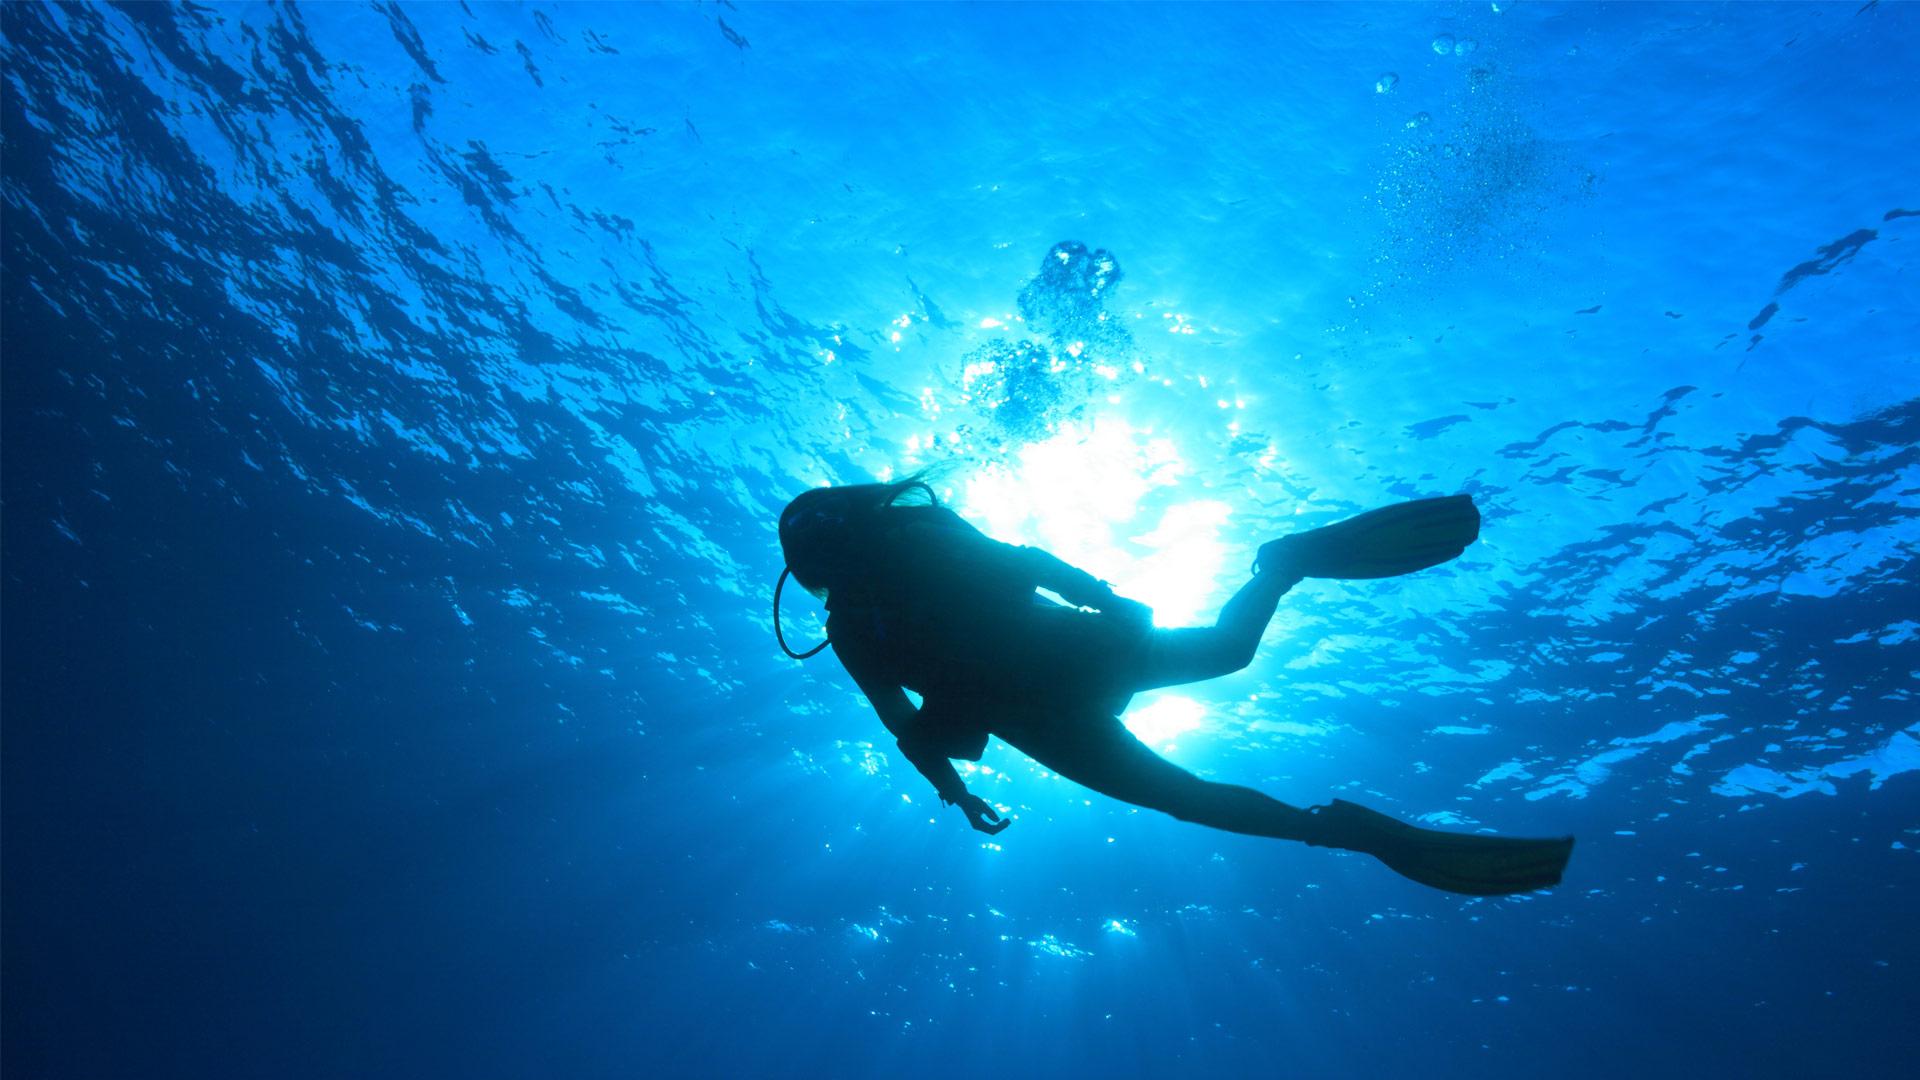 Term paper on scuba diving